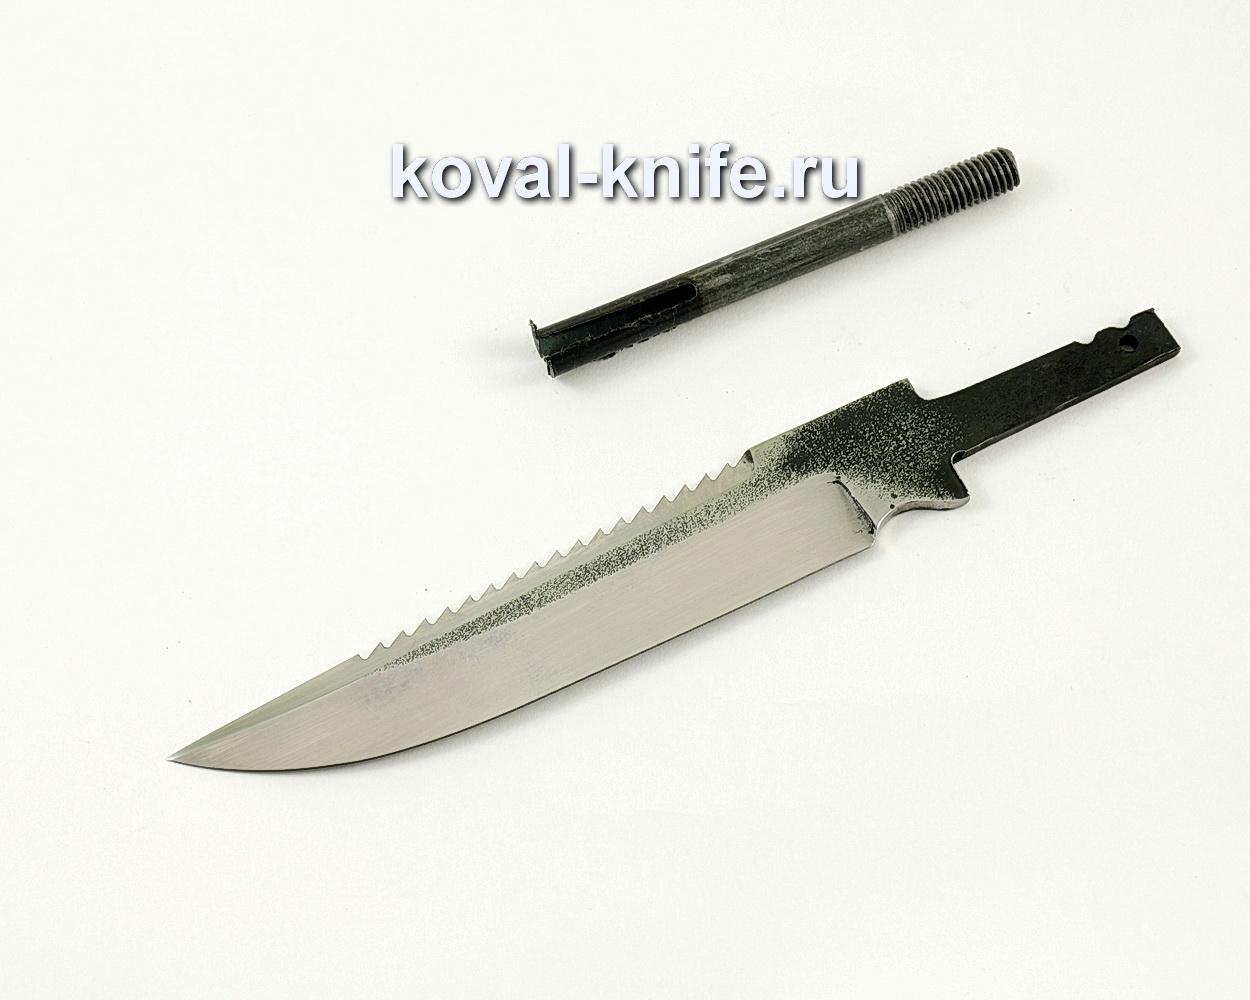 Клинок для ножа Рыбак (кованая сталь 95Х18)